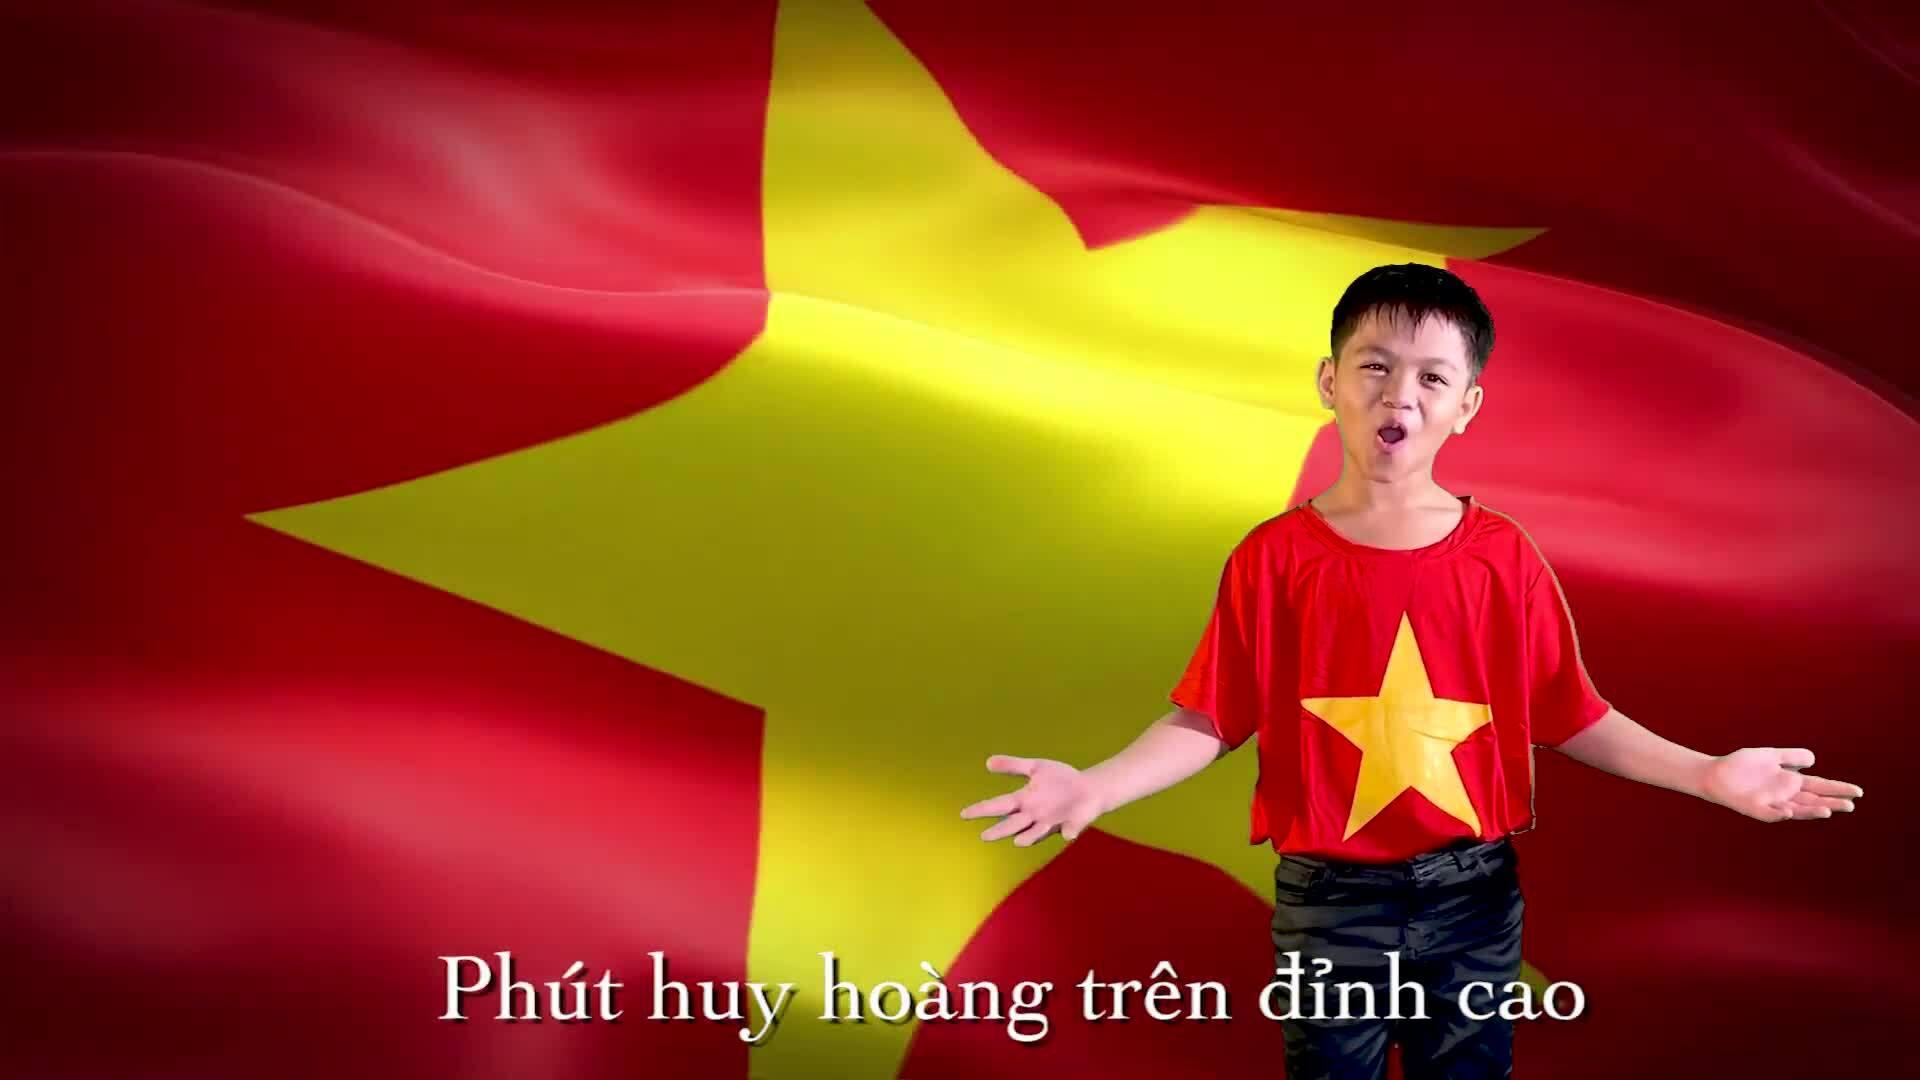 MV '90 Triệu trái tim' cổ vũ tinh thần Việt Nam vượt qua Covid-19.